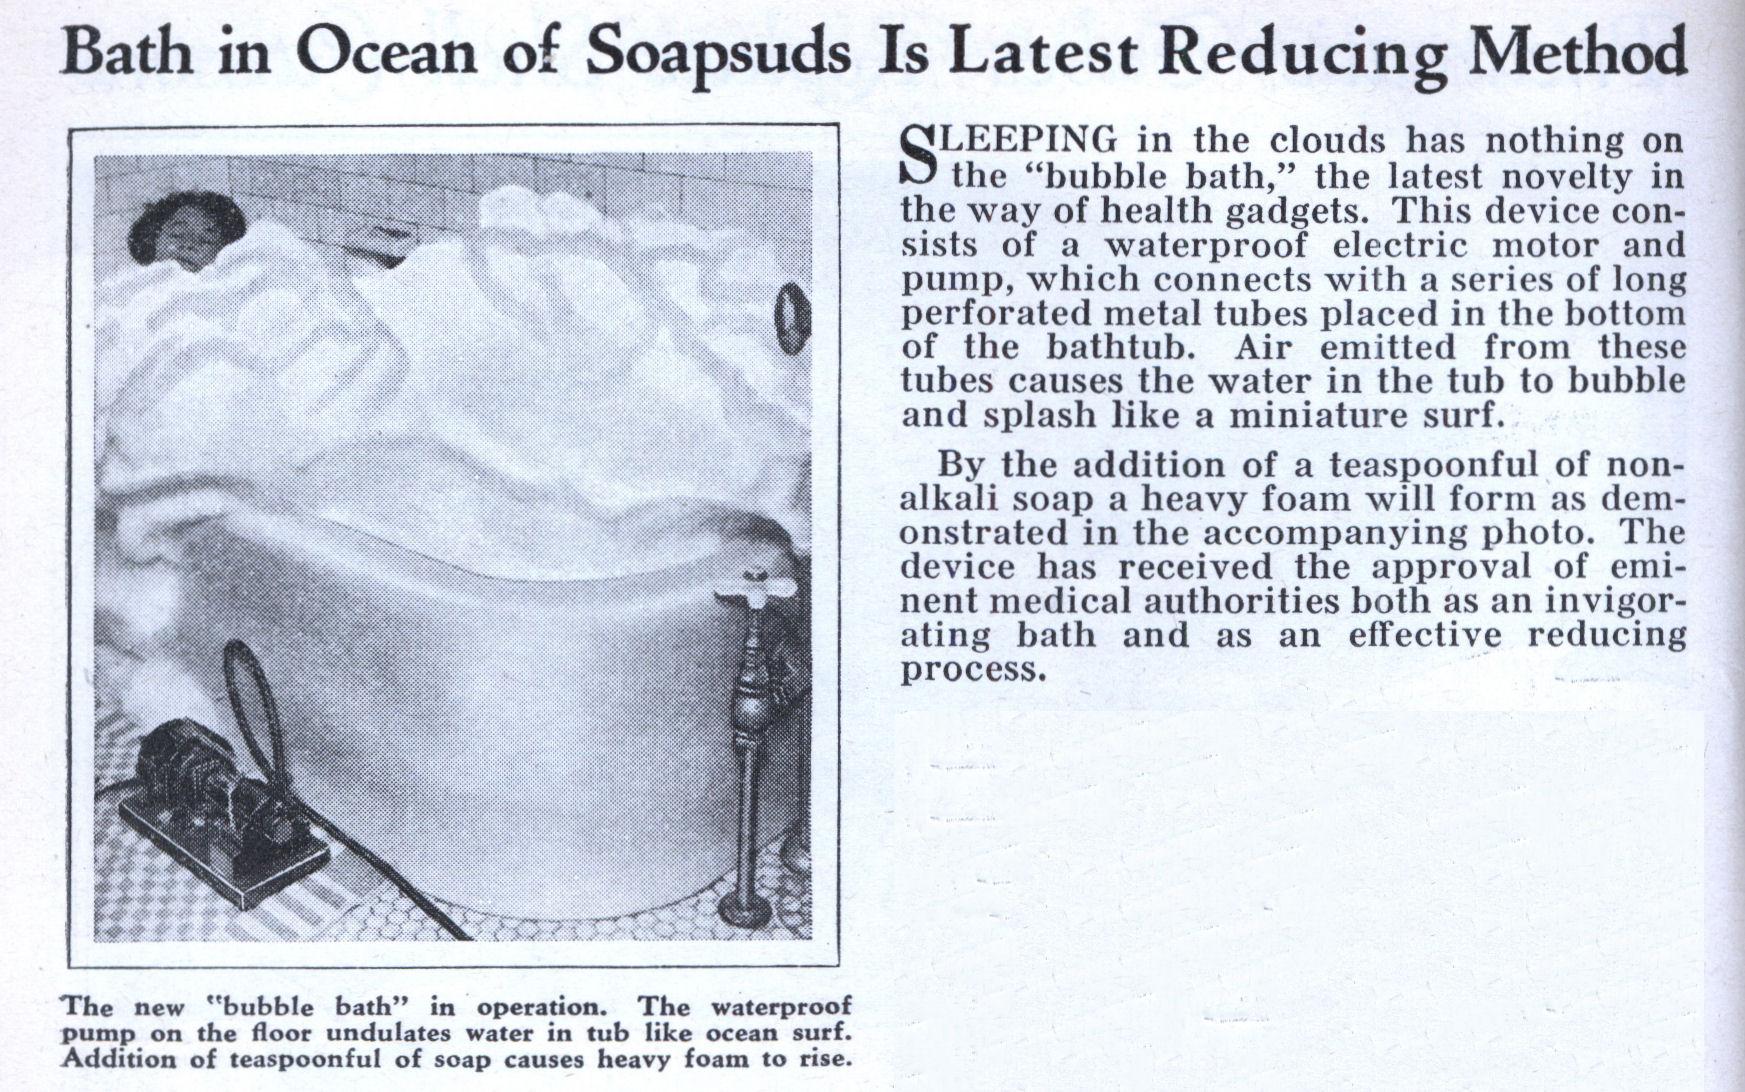 Bath in Ocean of Soapsuds Is Latest Reducing Method | Modern Mechanix